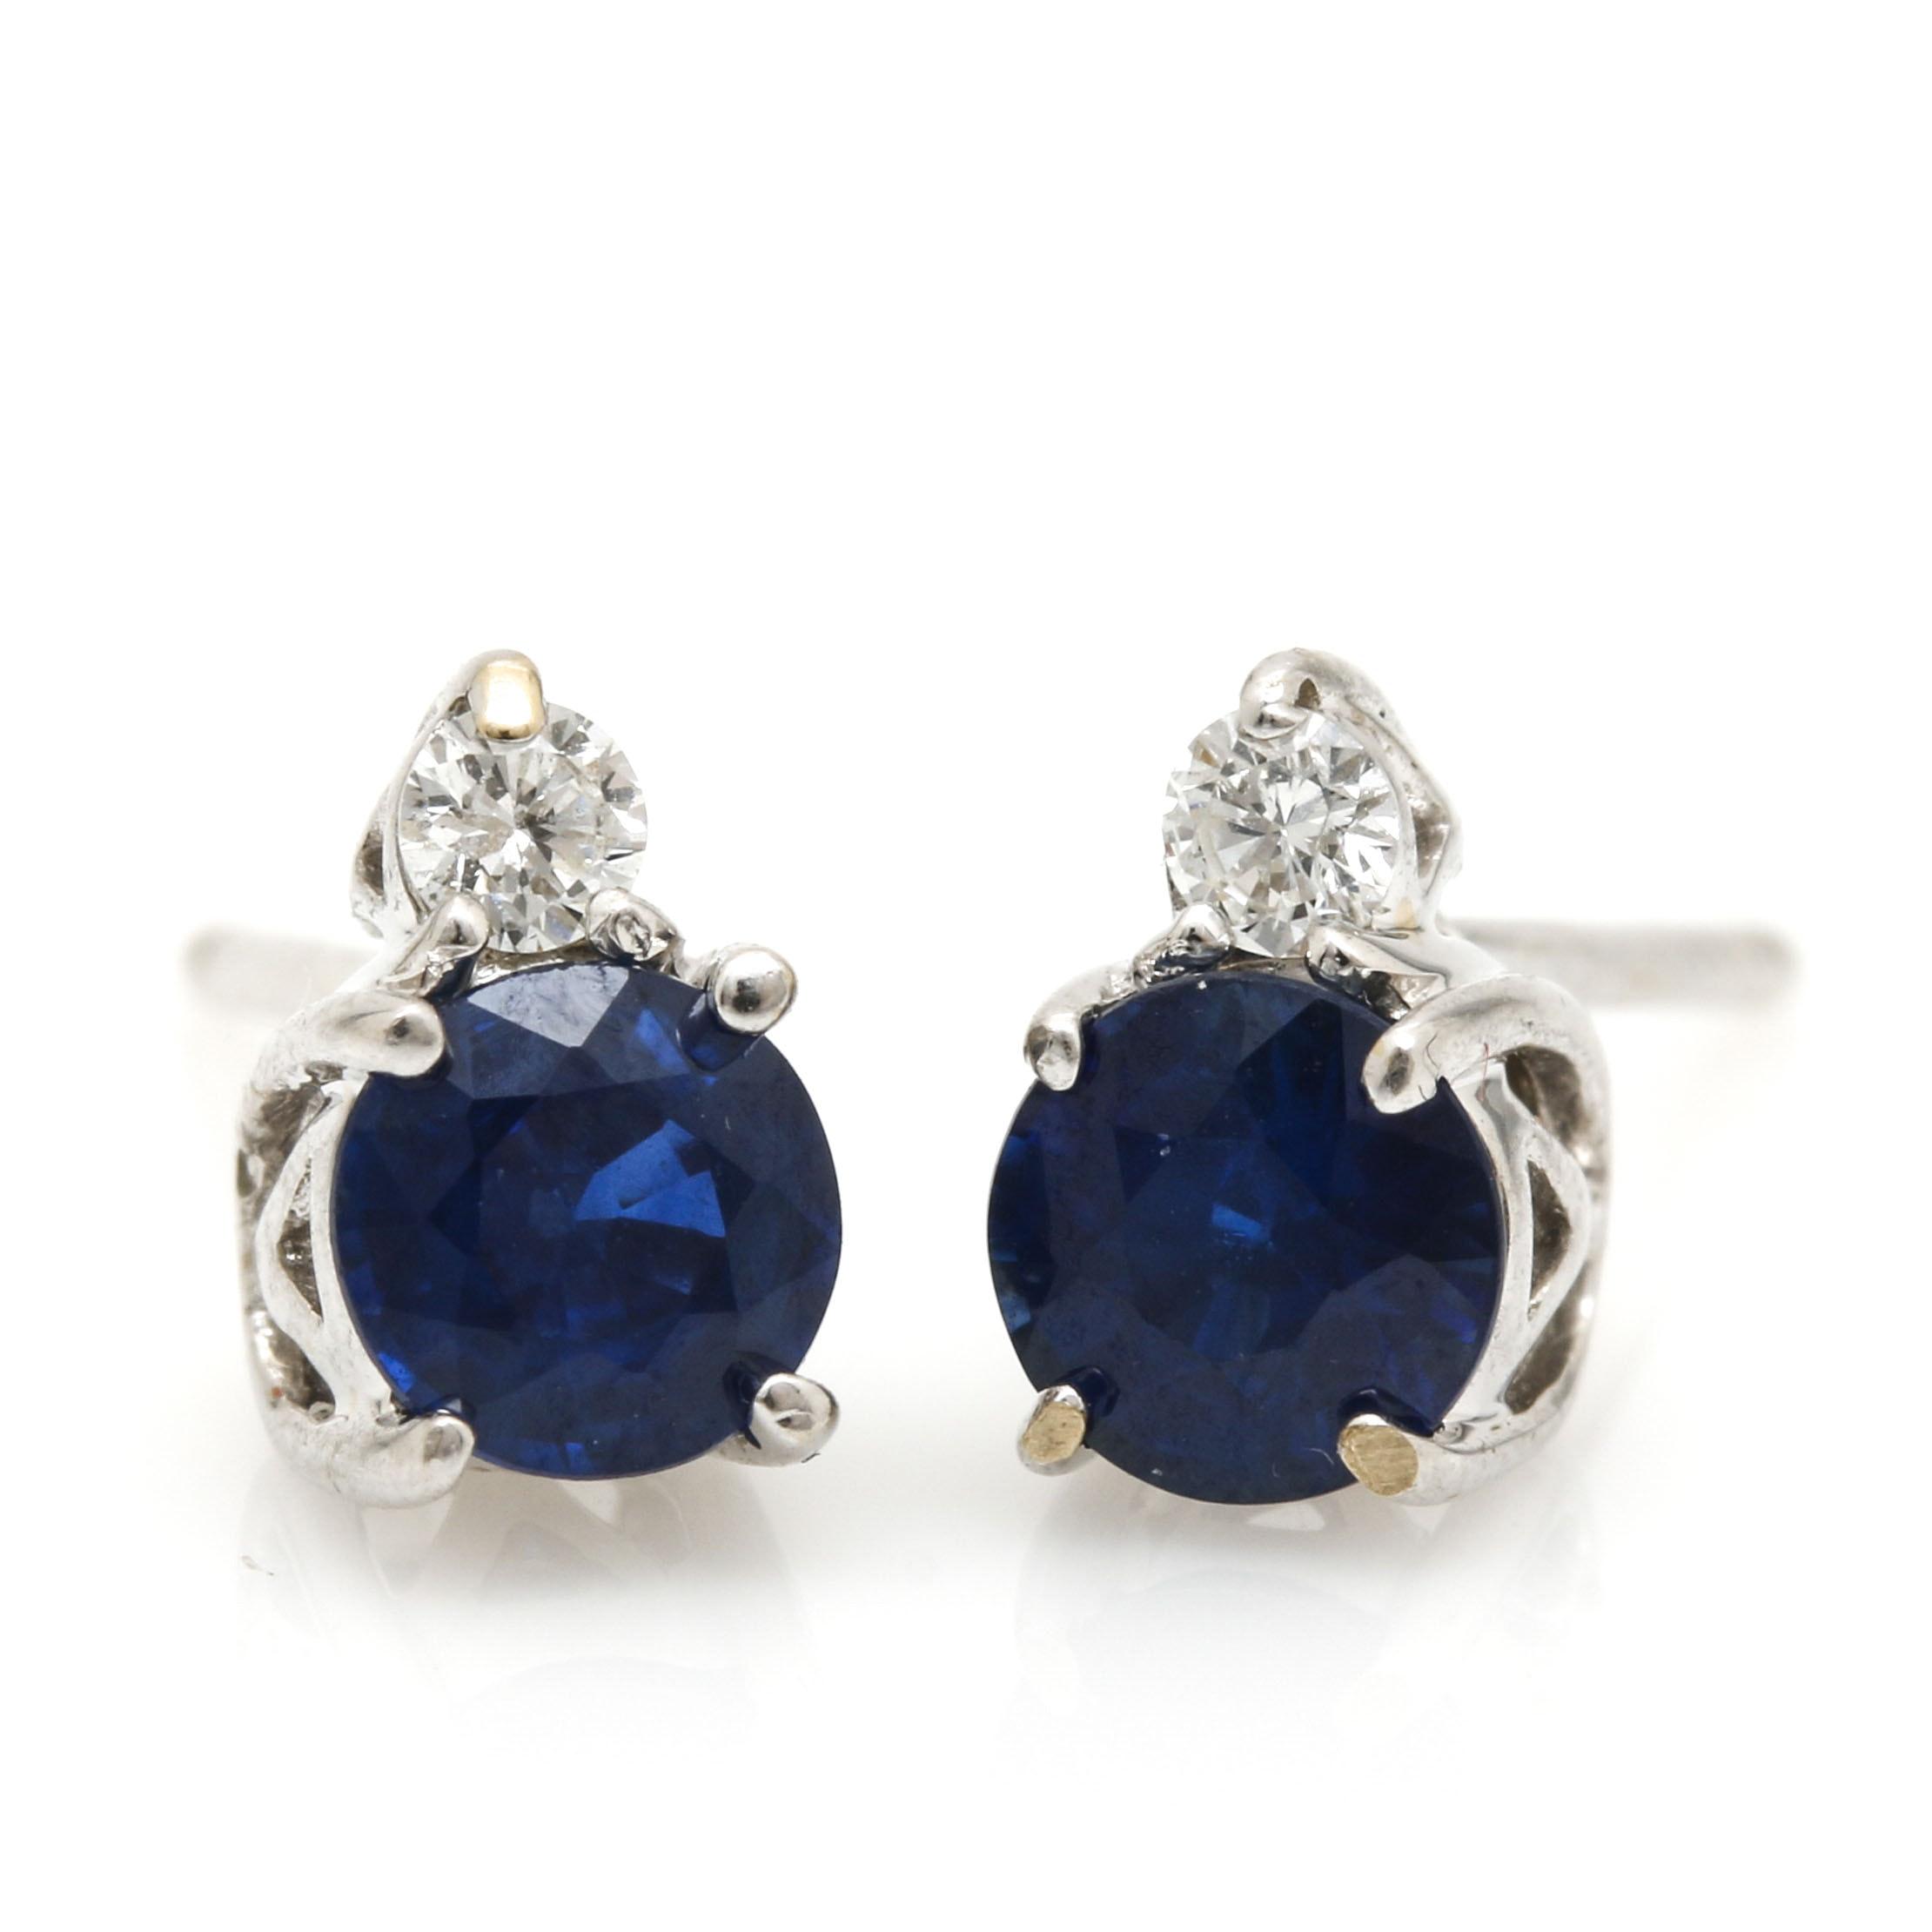 Clyde Duneier 18K White Gold Sapphire and Diamond Stud Earrings